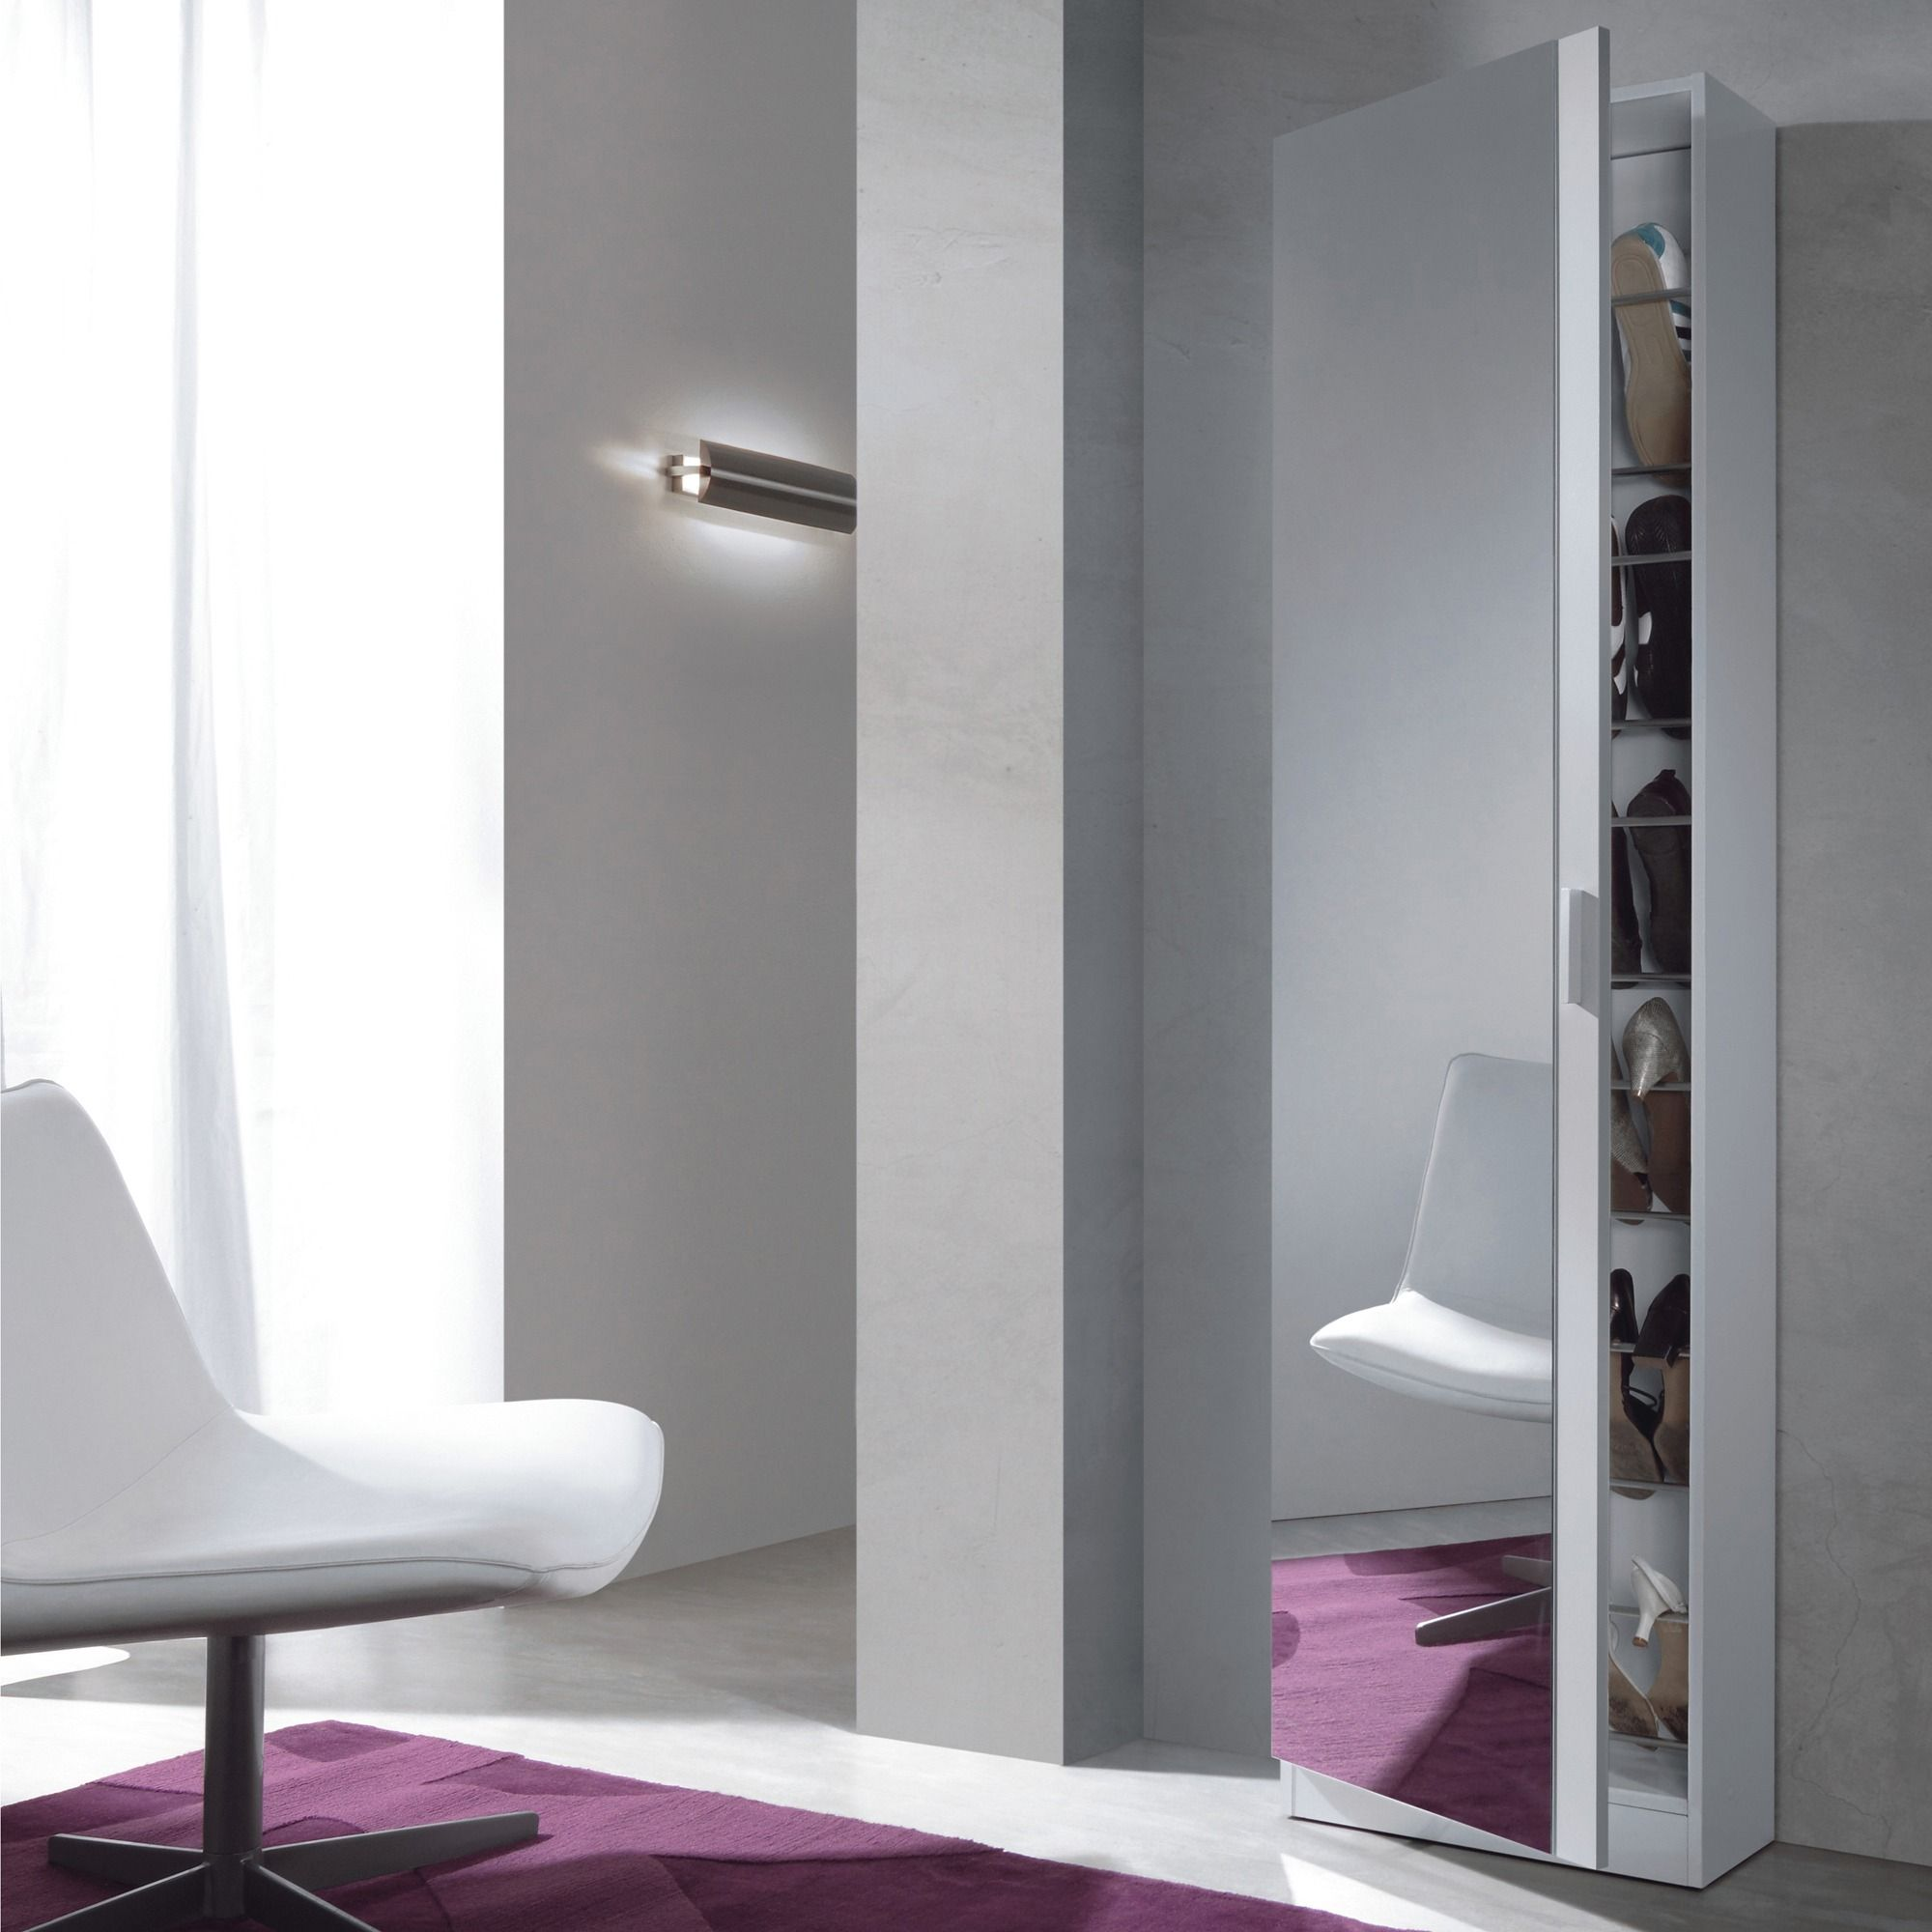 Amoire Range Chaussures Miroir Twin 3 Suisses Shoe Storage Cabinet Hallway Shoe Storage Mirror Door